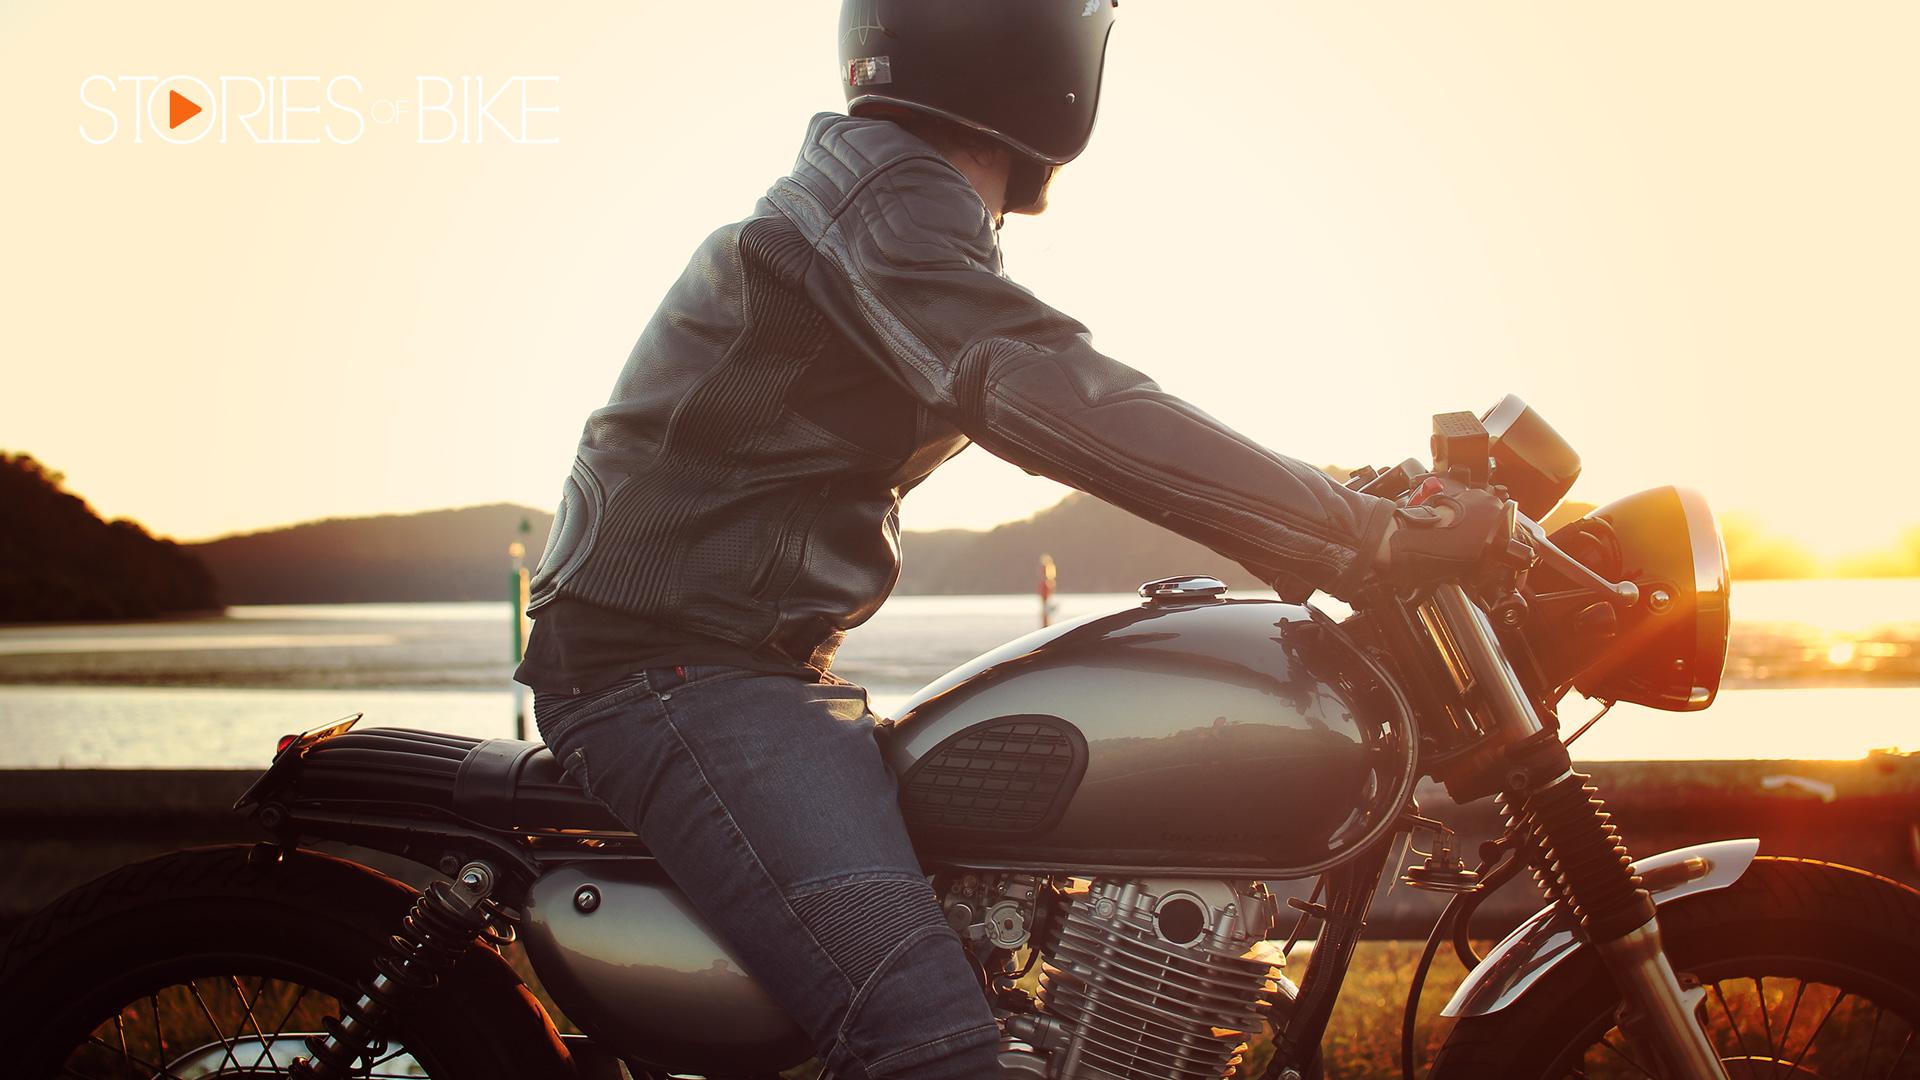 Stories_of_Bike_Ep10_4.jpg